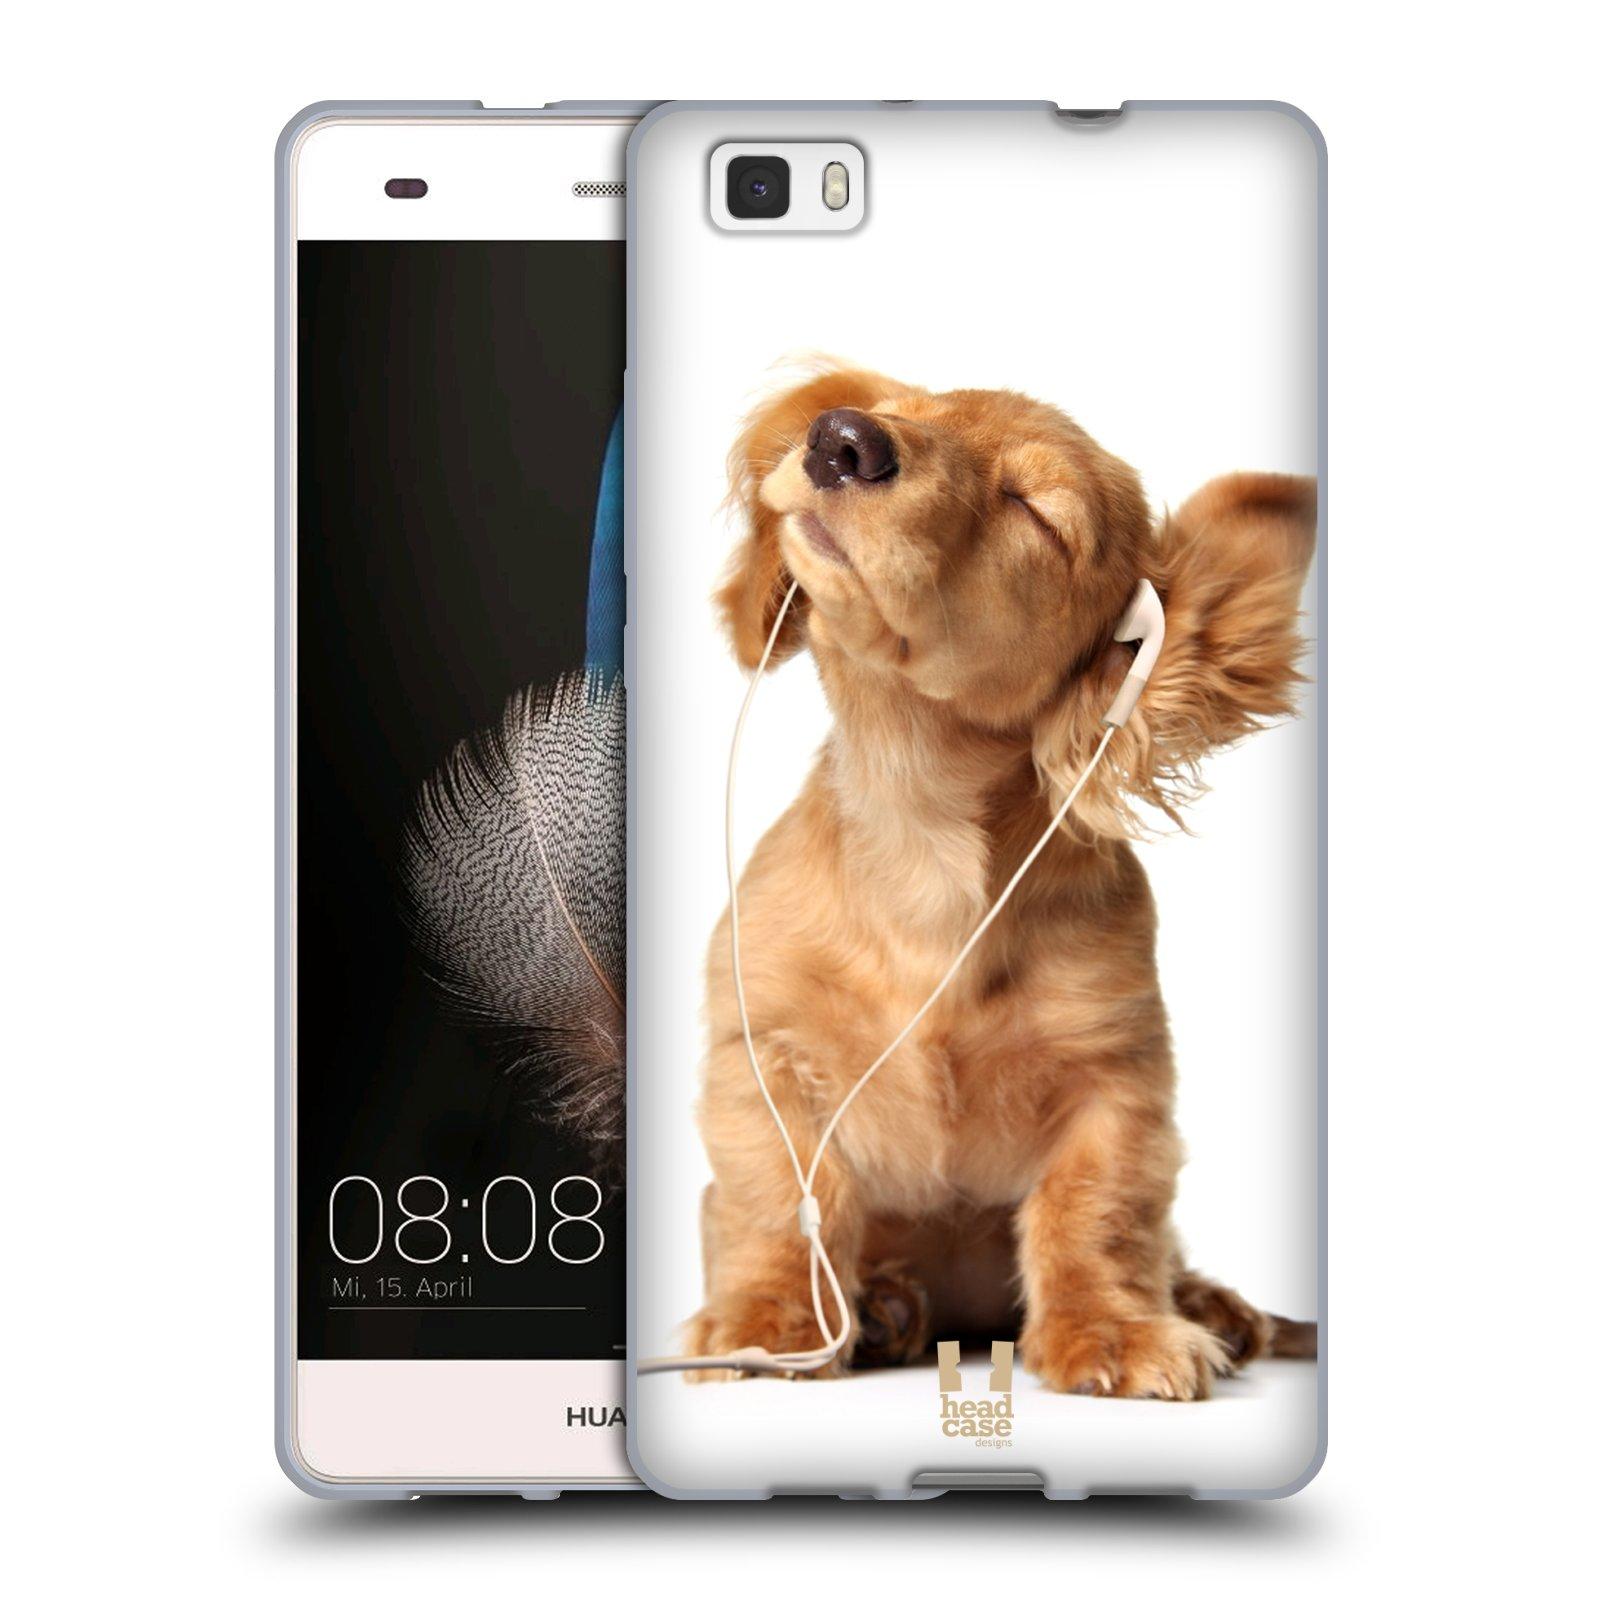 HEAD CASE silikonový obal na mobil Huawei  P8 LITE Legrační zvířátka roztomilé štěňátko poslouchající hudbu